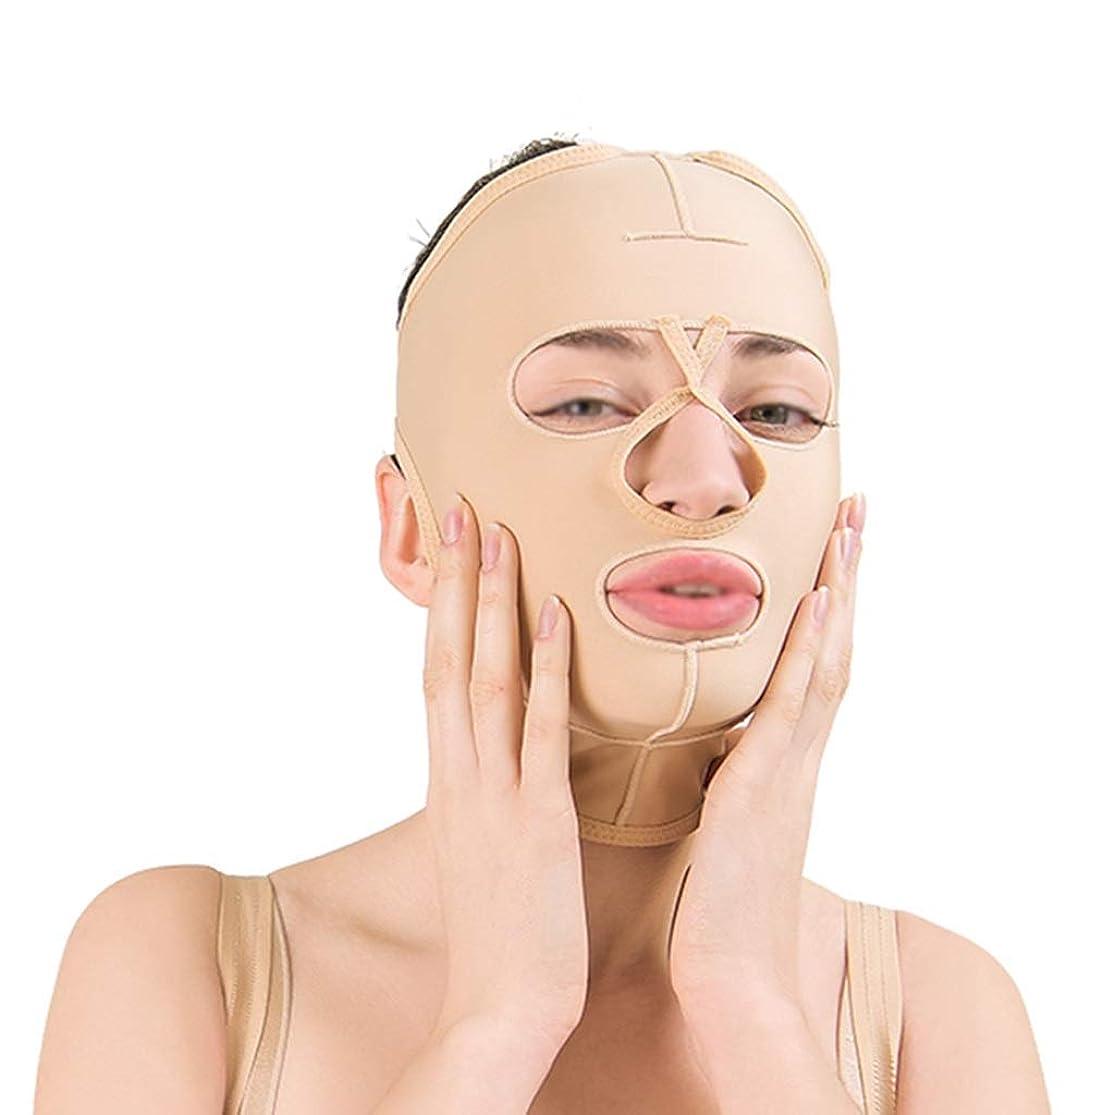 残酷なポーチチューブフェイススリミングマスク、フェイスバンデージ付きフェイシャル減量マスク、通気性フェイスリフト、引き締め、フェイスリフティング(サイズ:L),ザ?